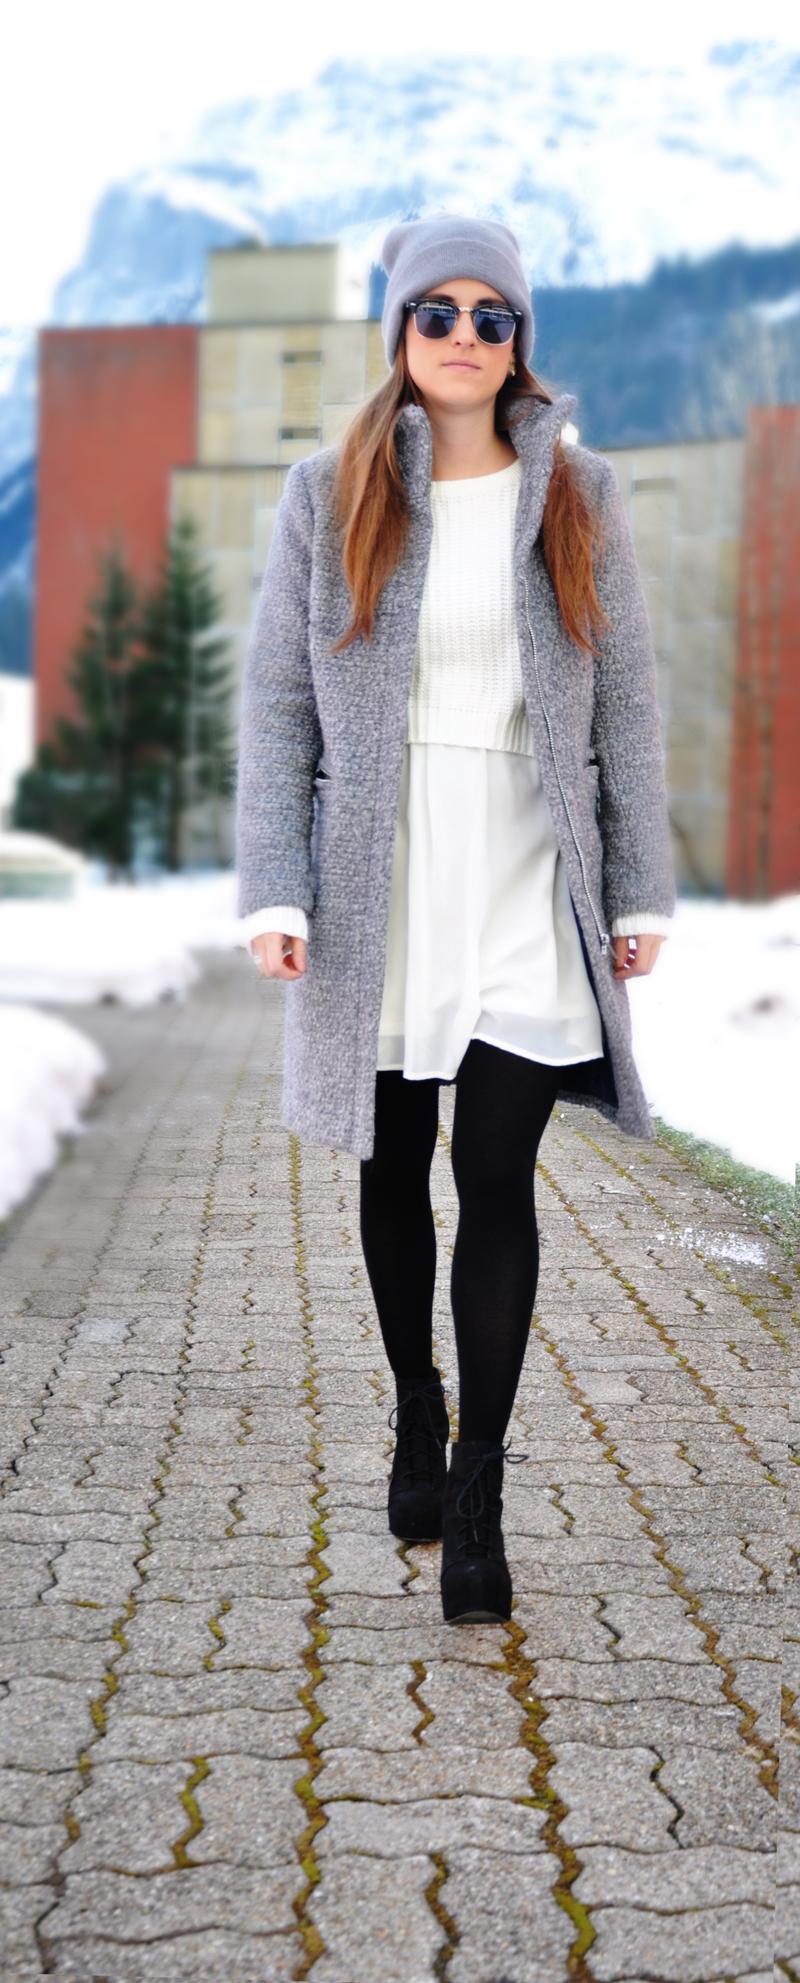 Wintermantel in Grau von H&M mit einem weissen Kleid